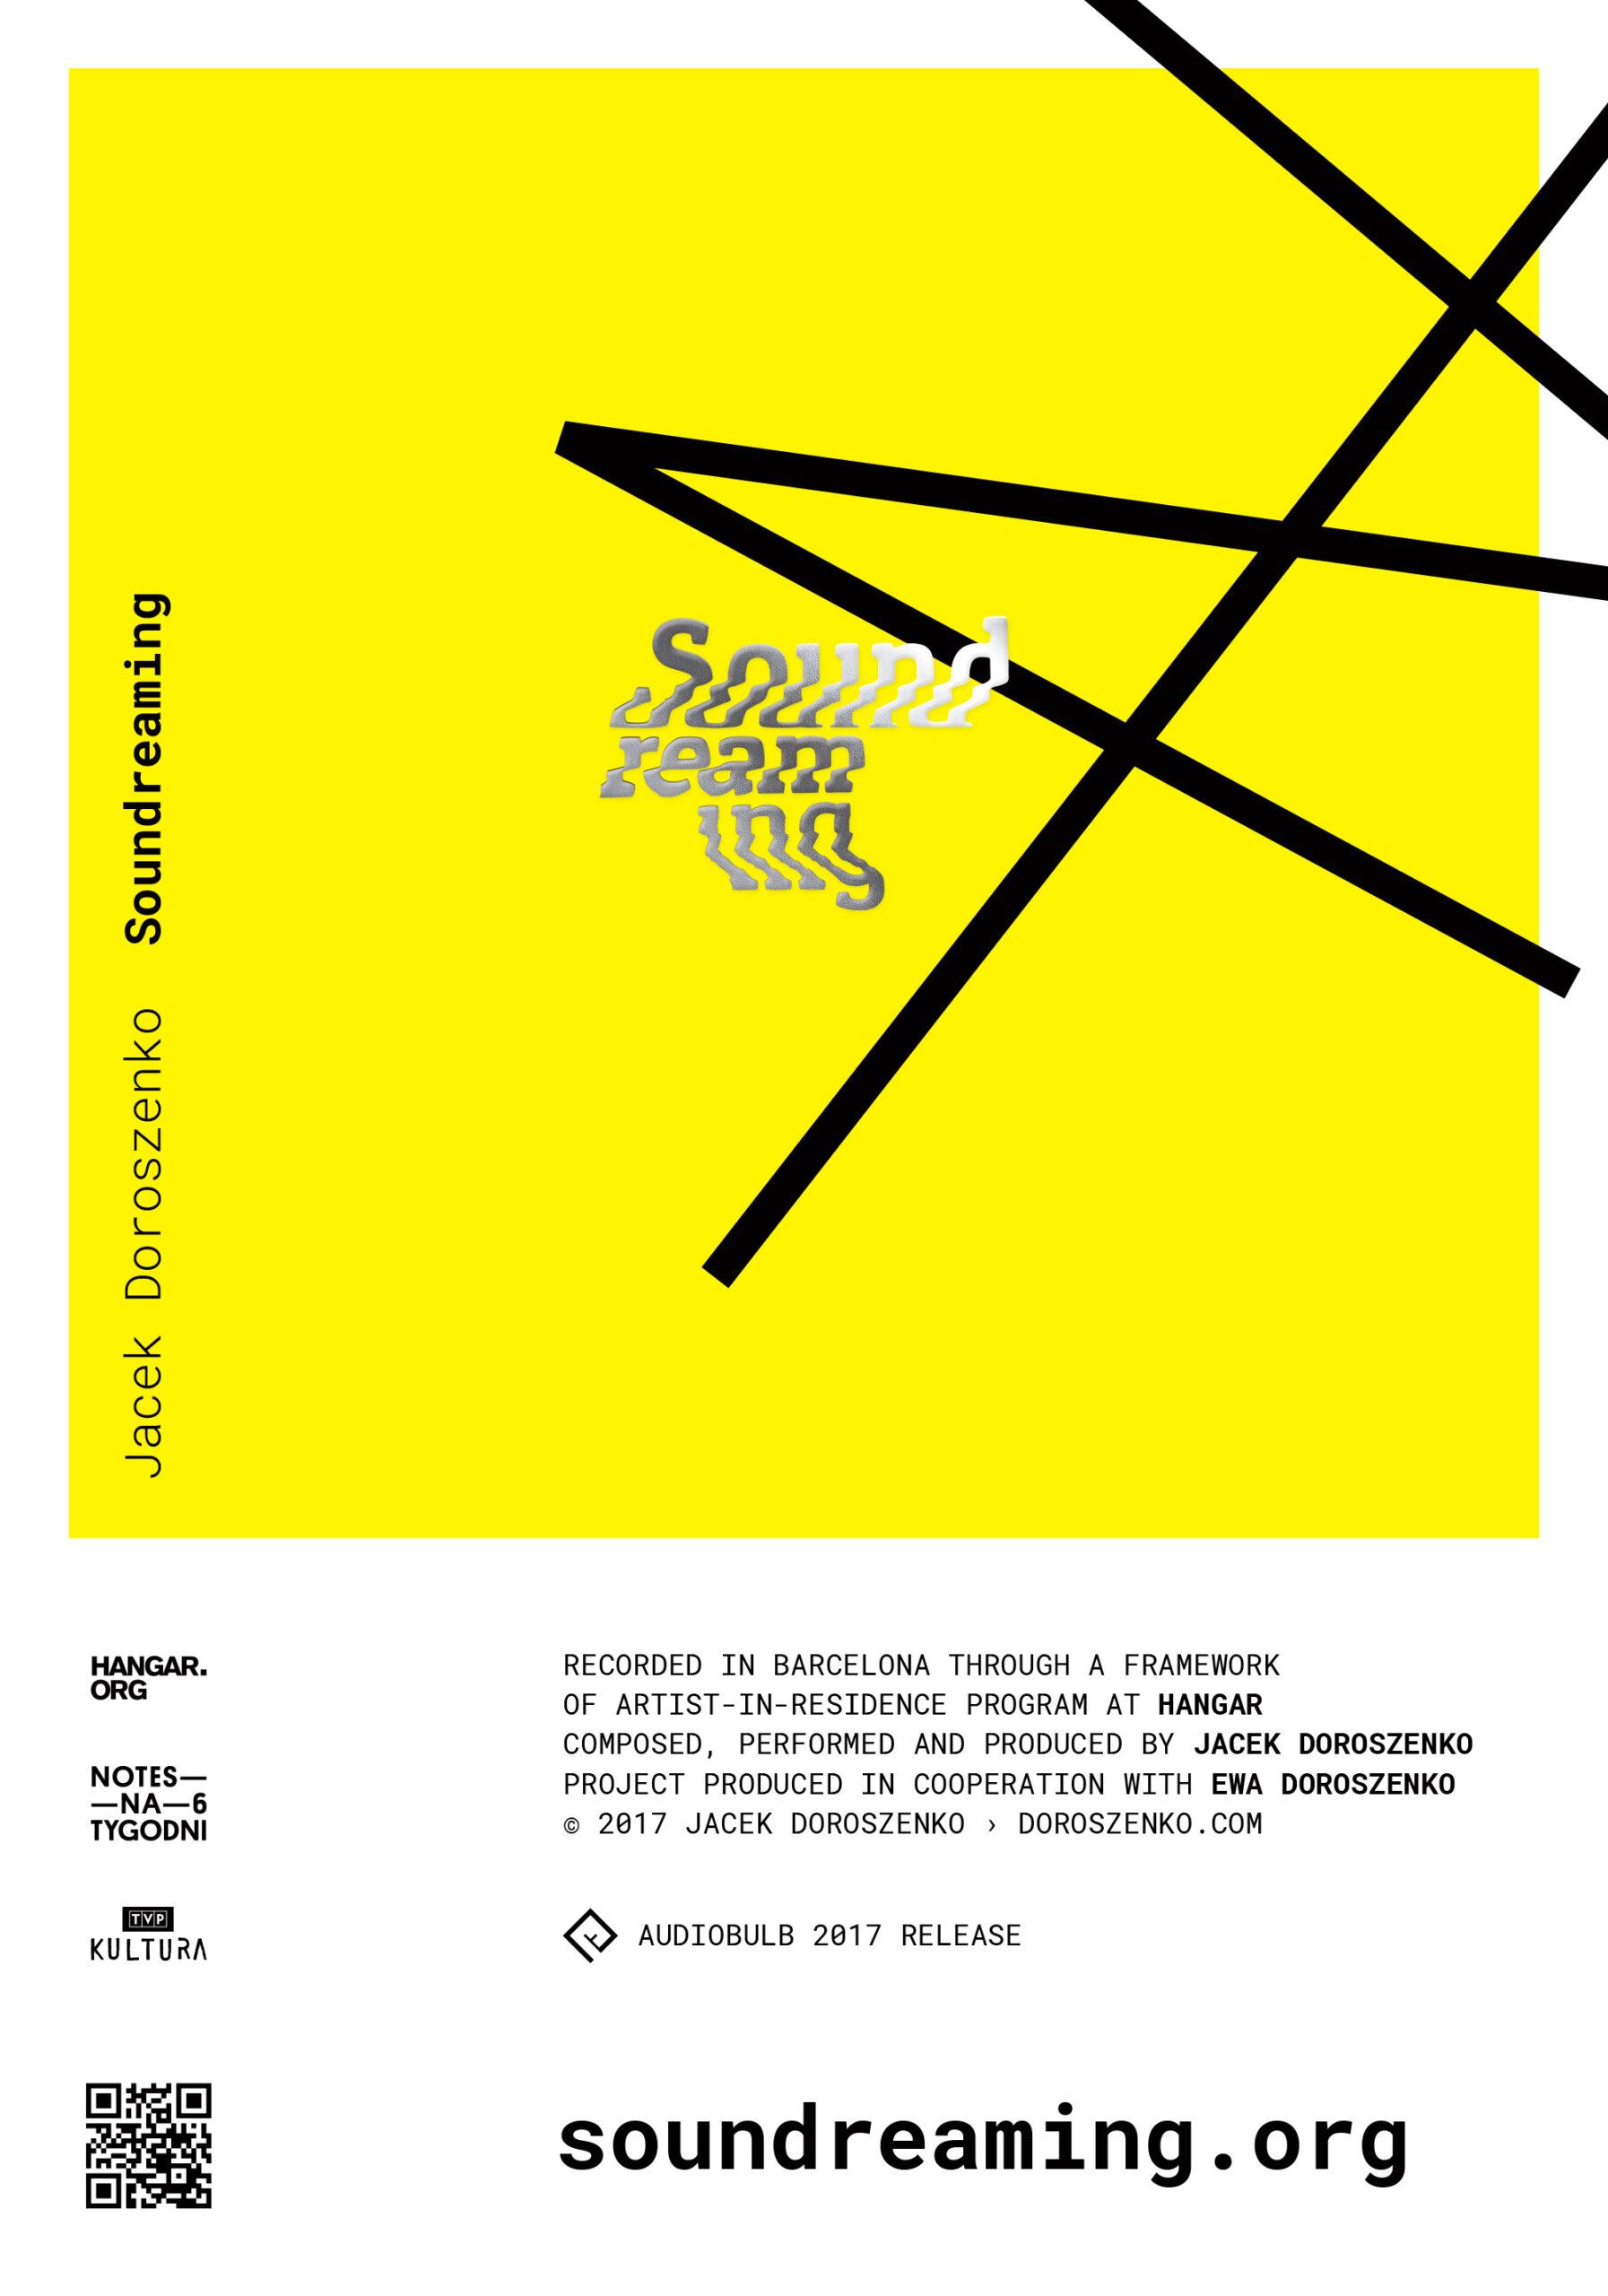 Jacek Doroszenko - Soundreaming album, Audiobulb 2017, poster